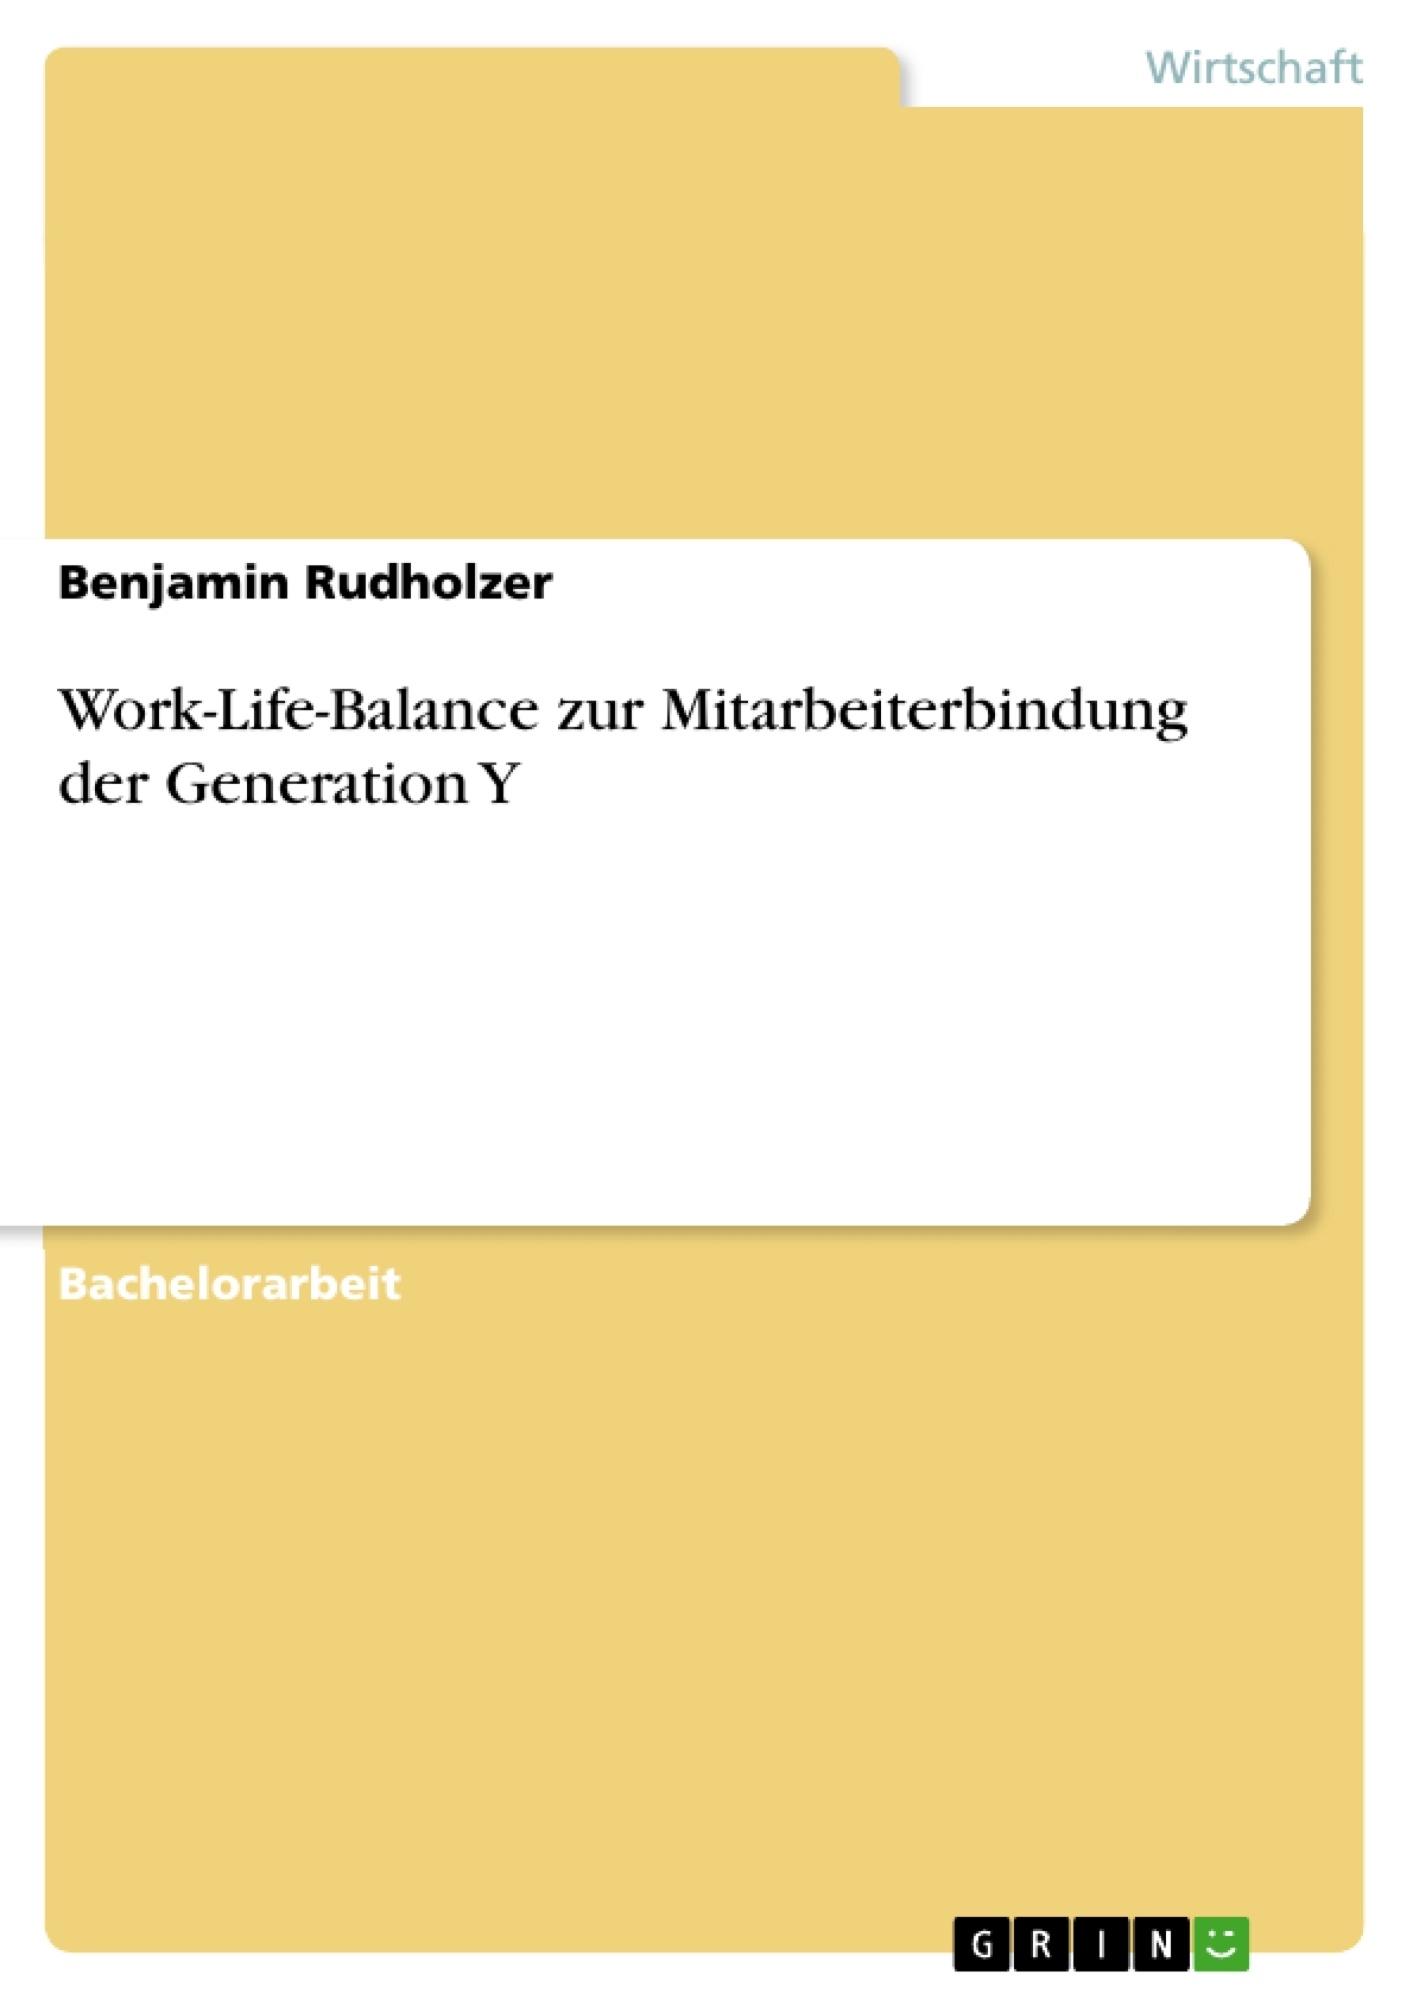 Titel: Work-Life-Balance zur Mitarbeiterbindung der Generation Y